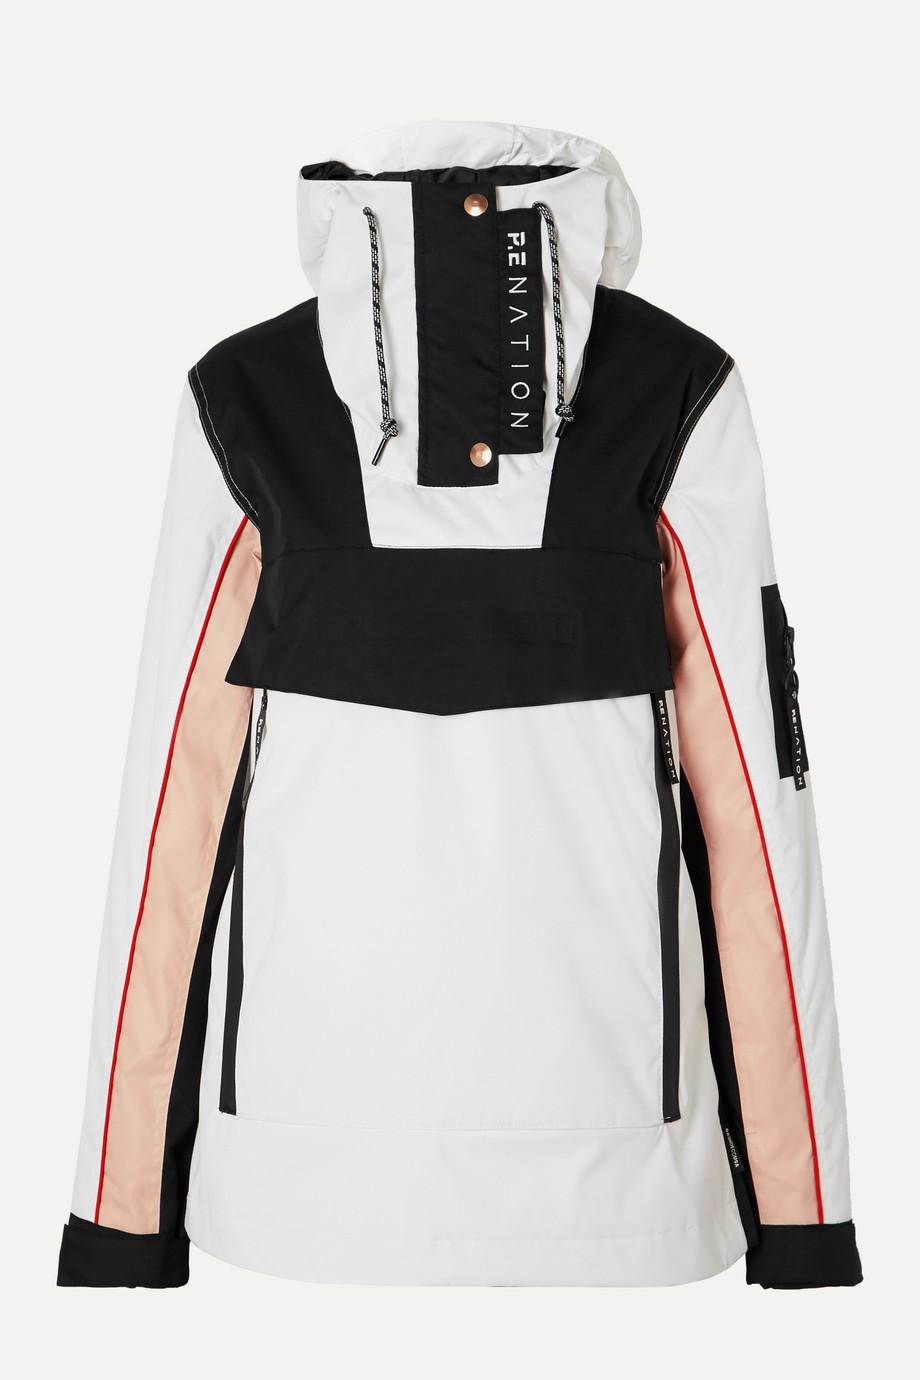 P.E NATION Veste de ski à capuche en tissu technique rembourré imprimé Skyline x DC